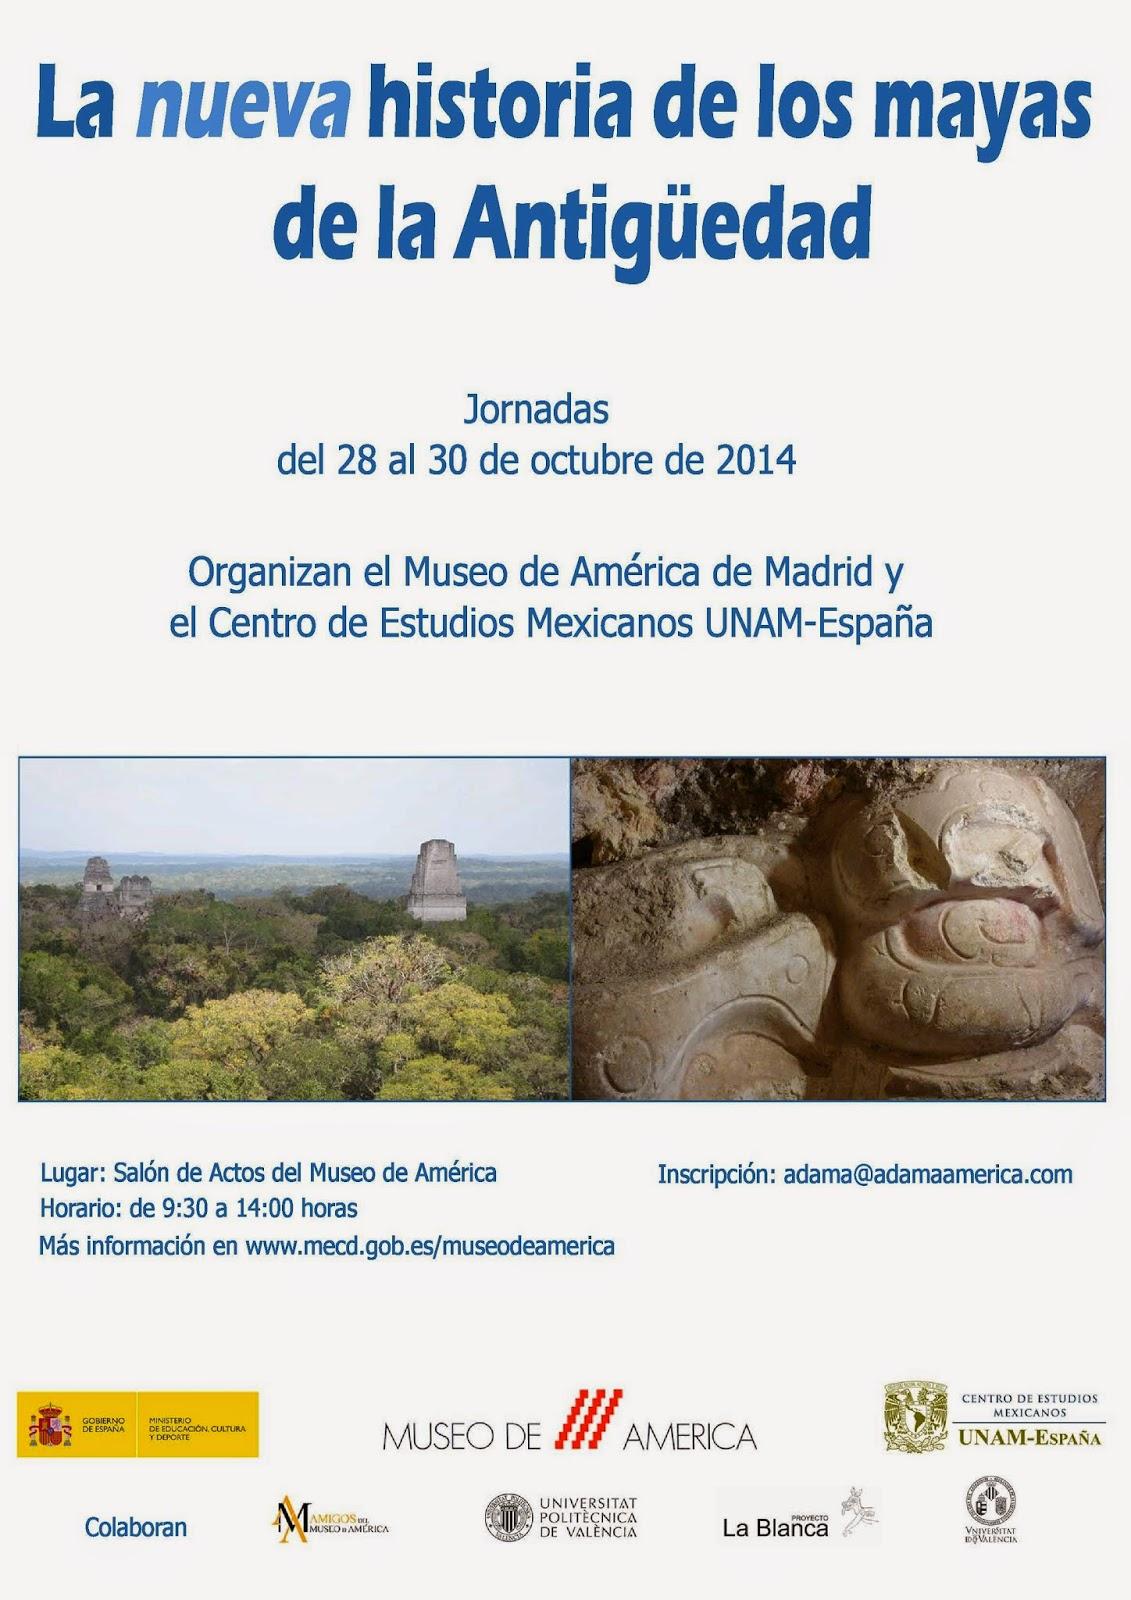 http://www.mecd.gob.es/museodeamerica/actividades2/ciclos-de-conferencias2/Mayas-2014.html